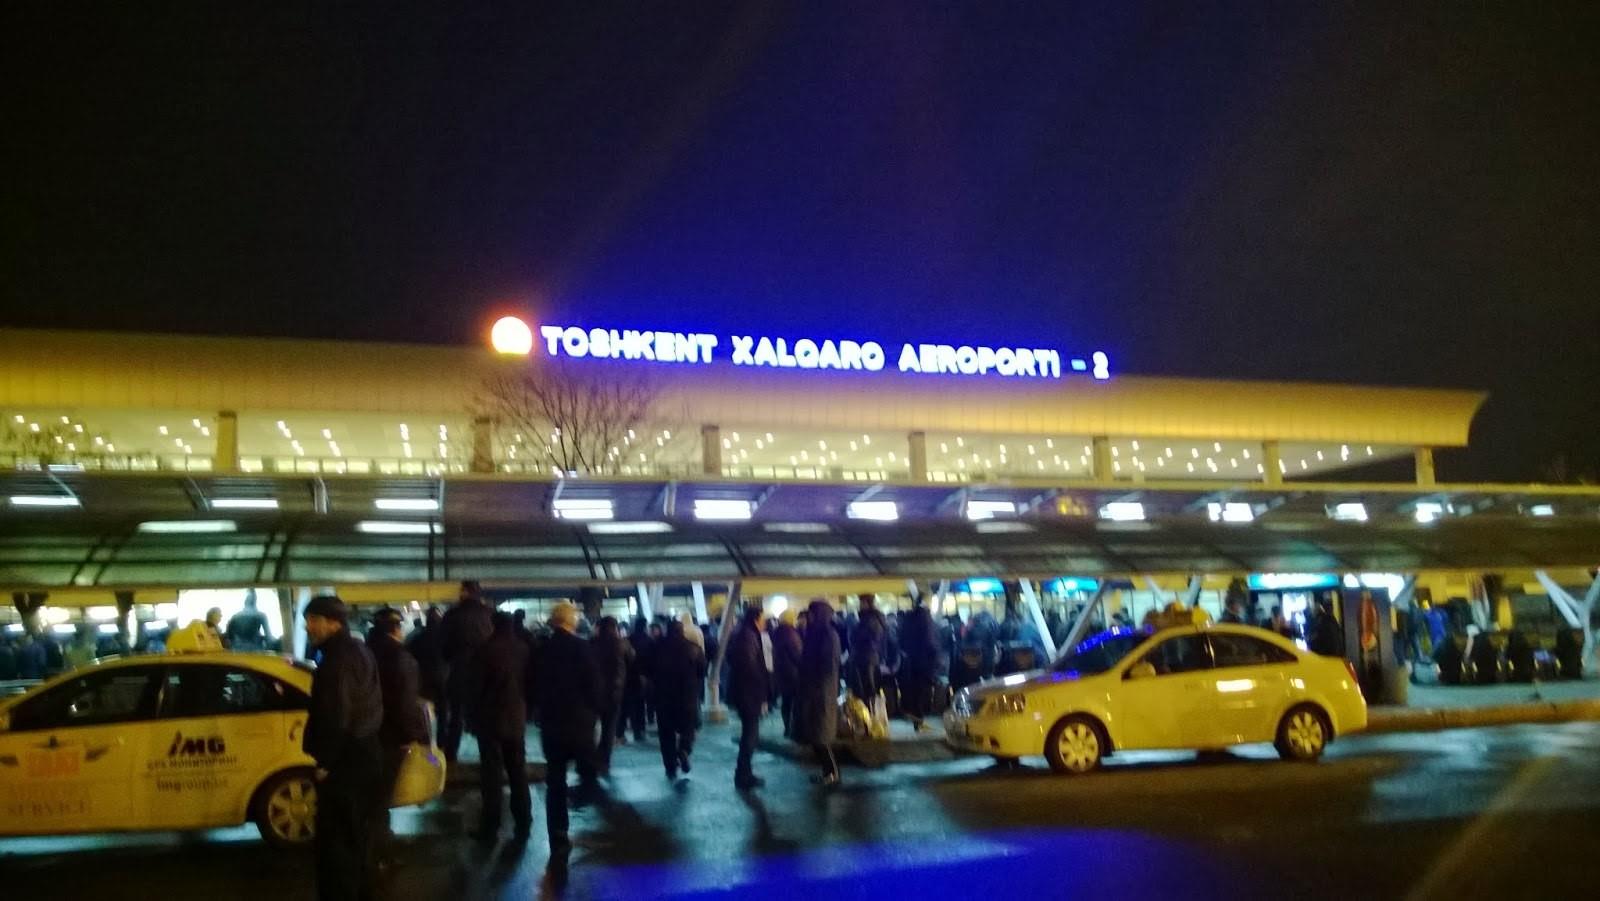 Тошкент халқаро аэропорти жаҳоннинг энг ёмон беш аэропортидан бири деб топилди